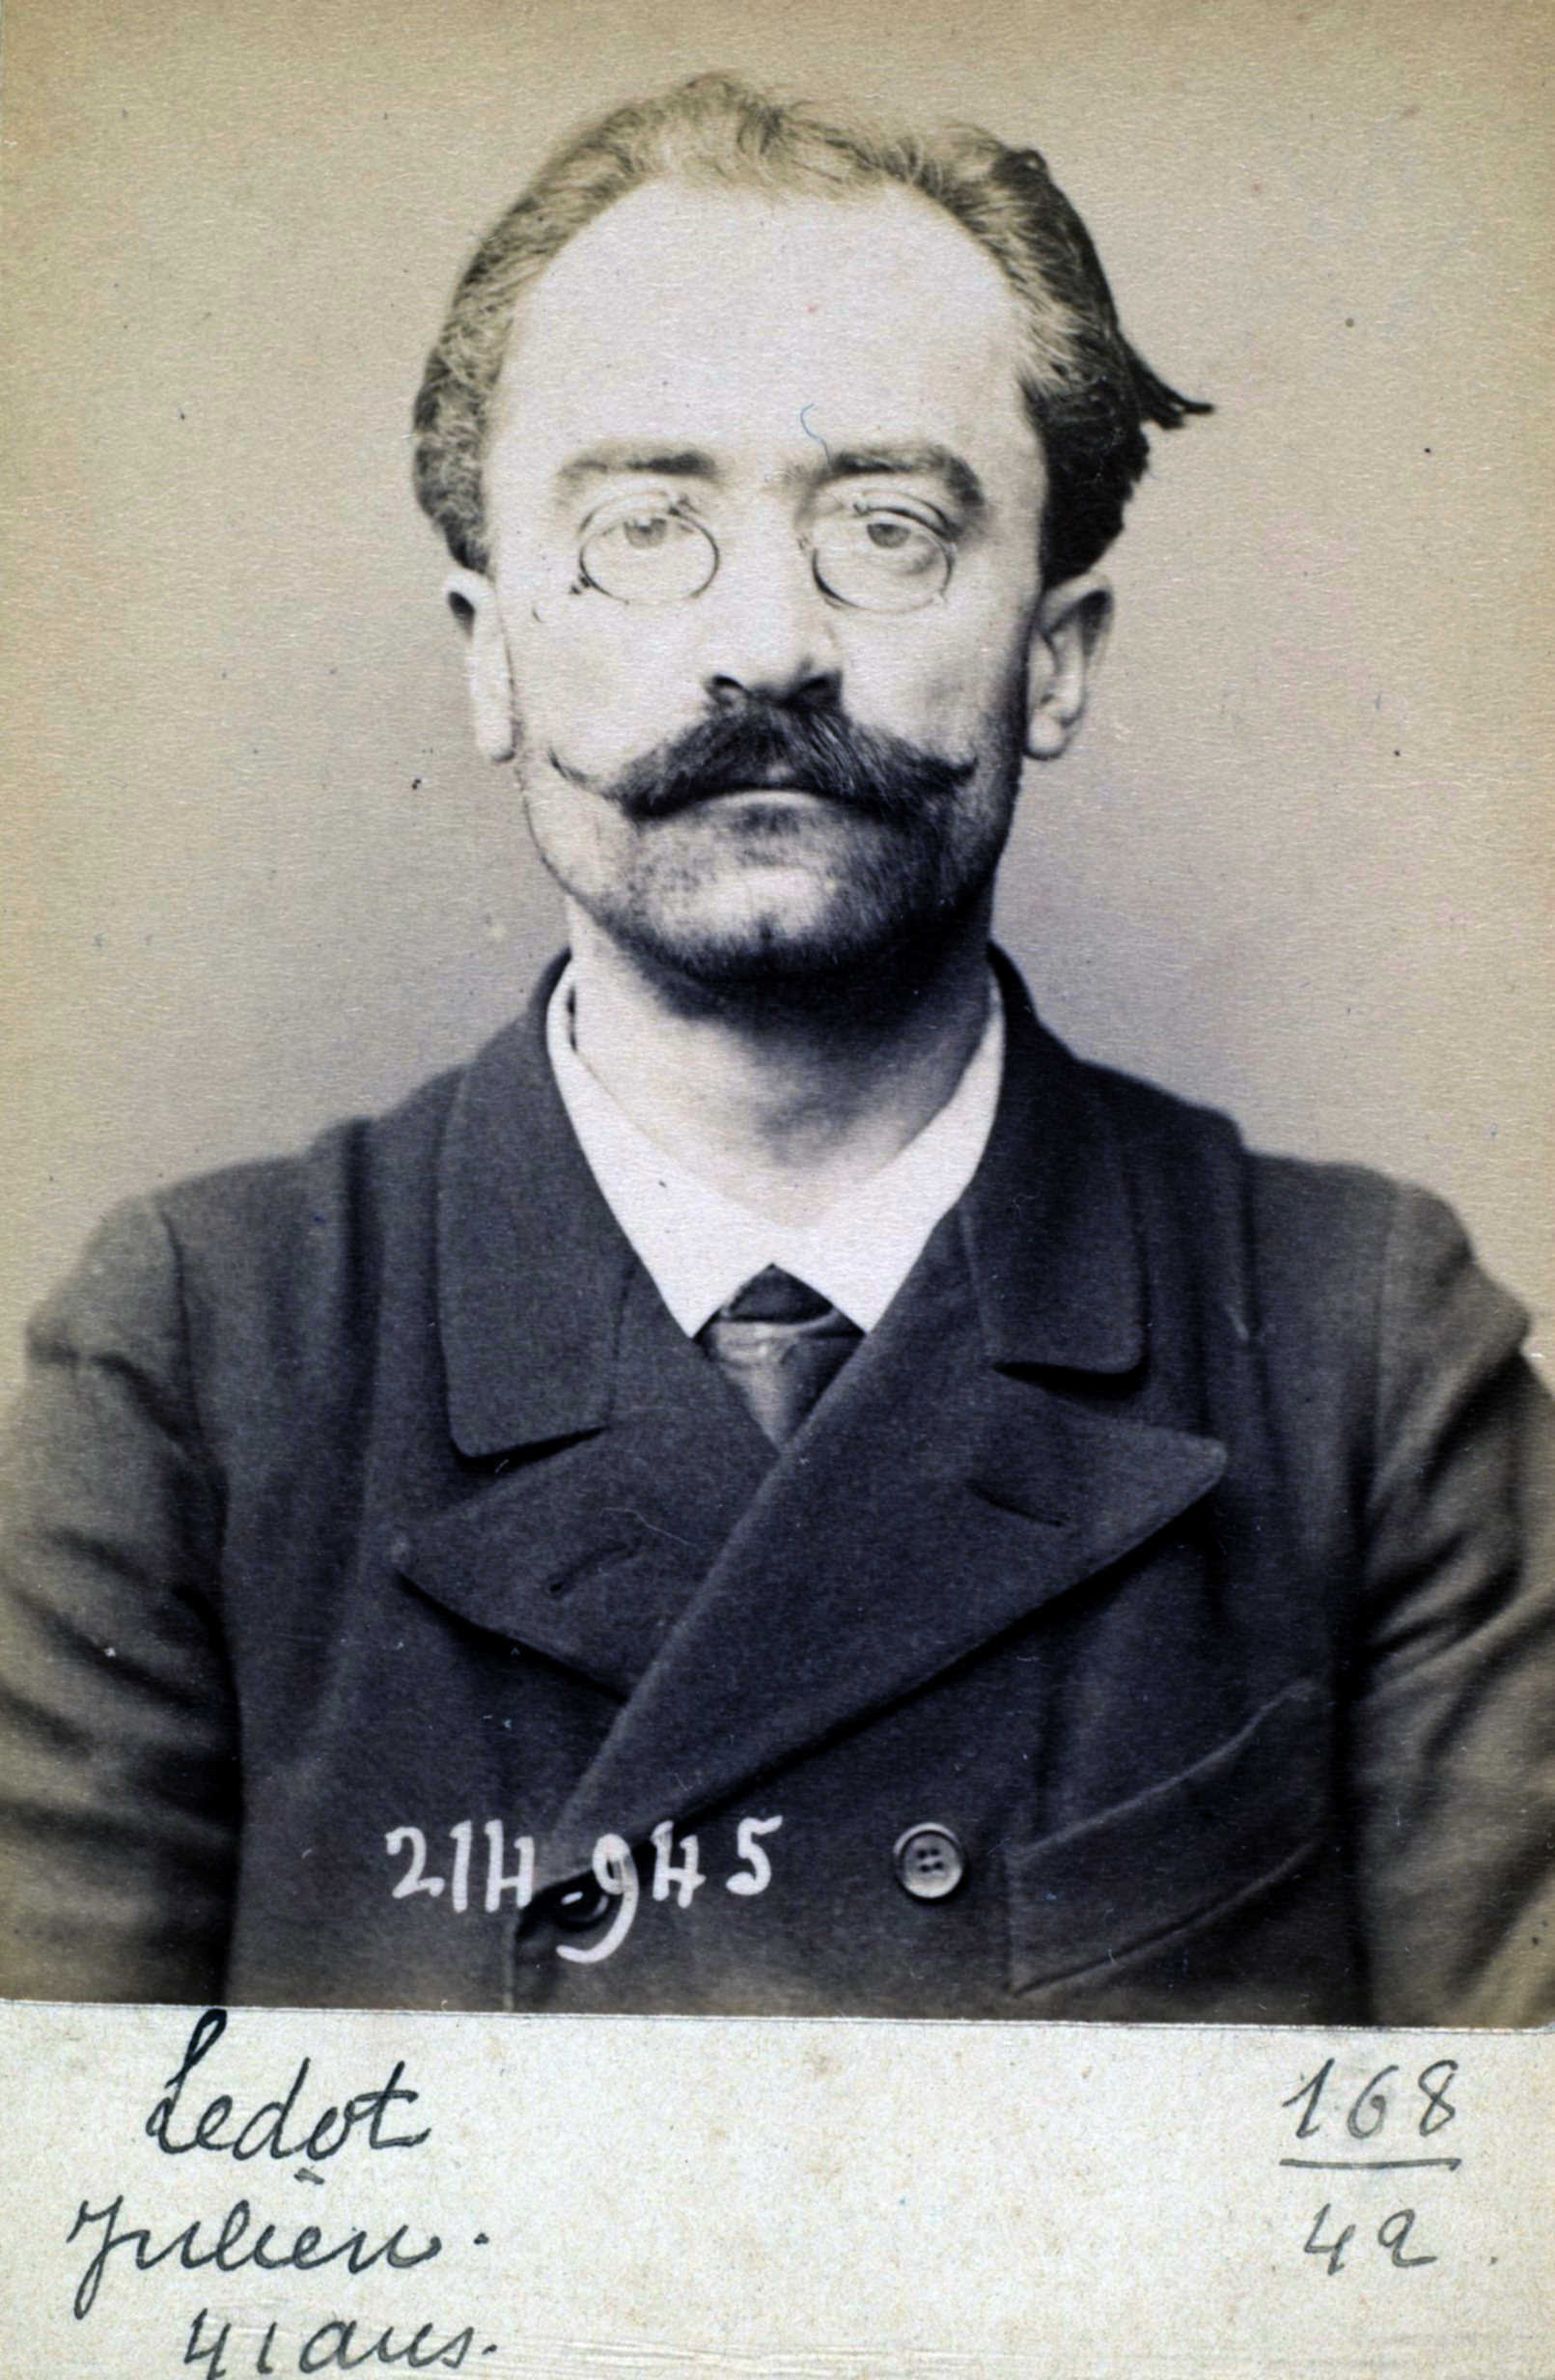 Foto policíaca de Julien Ledot (1 de març de 1894)